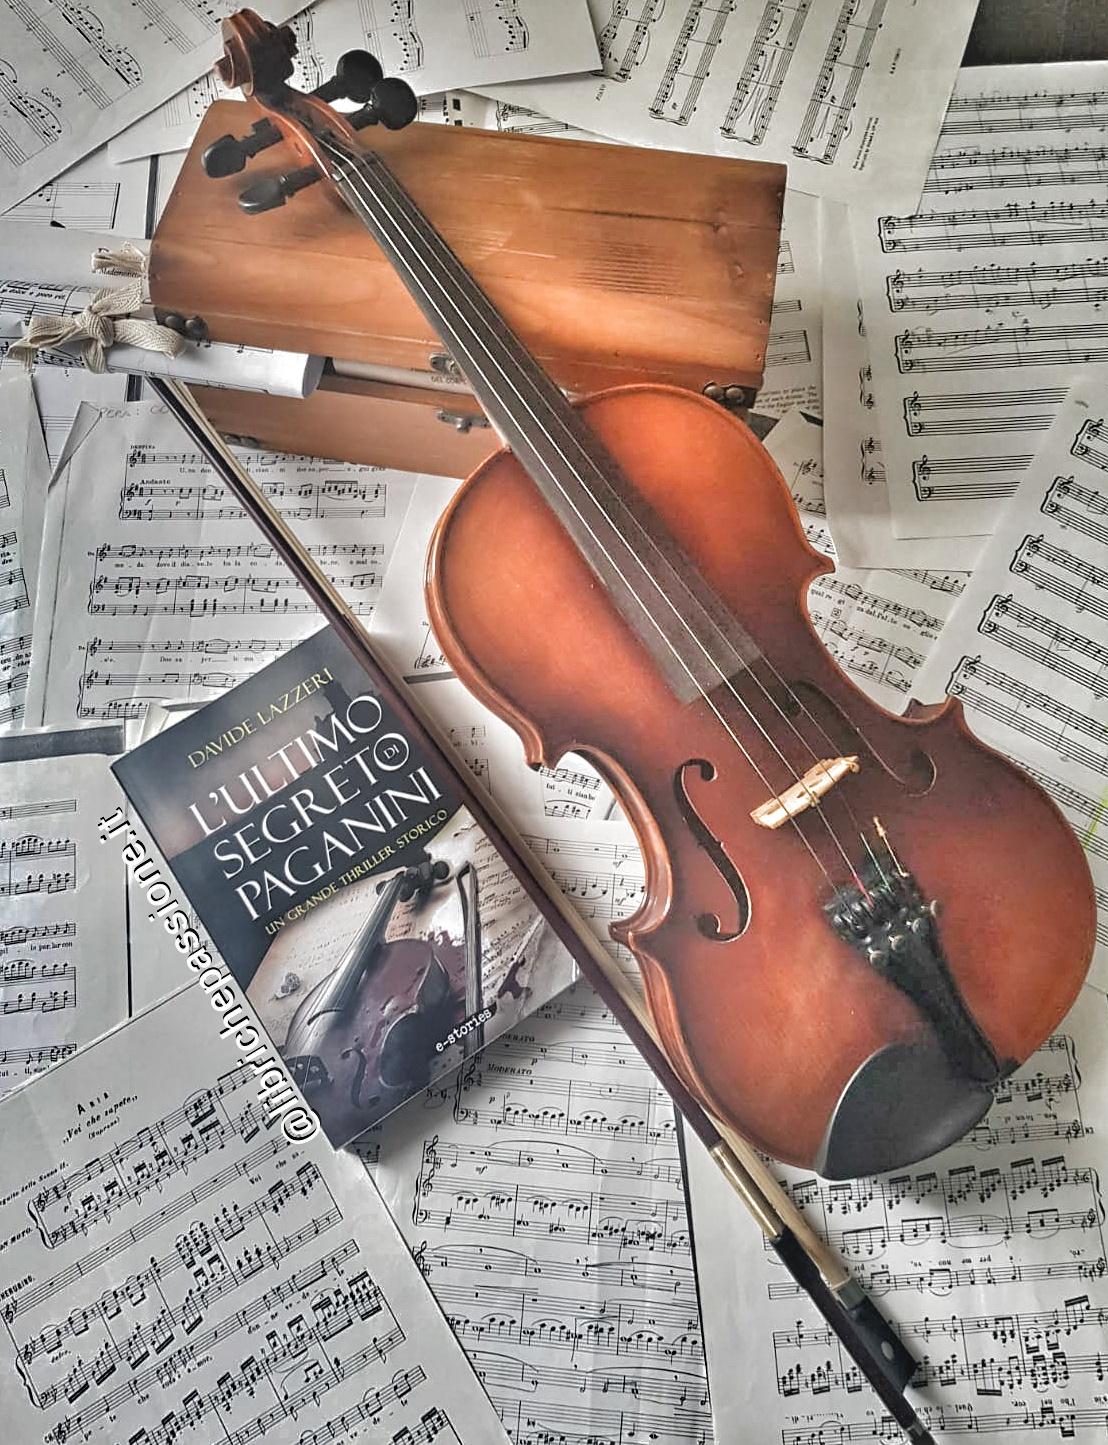 """Recensione del romanzo """"L'ultimo segreto di Paganini"""" di Davide Lazzeri edito da Aliberti e-stories"""